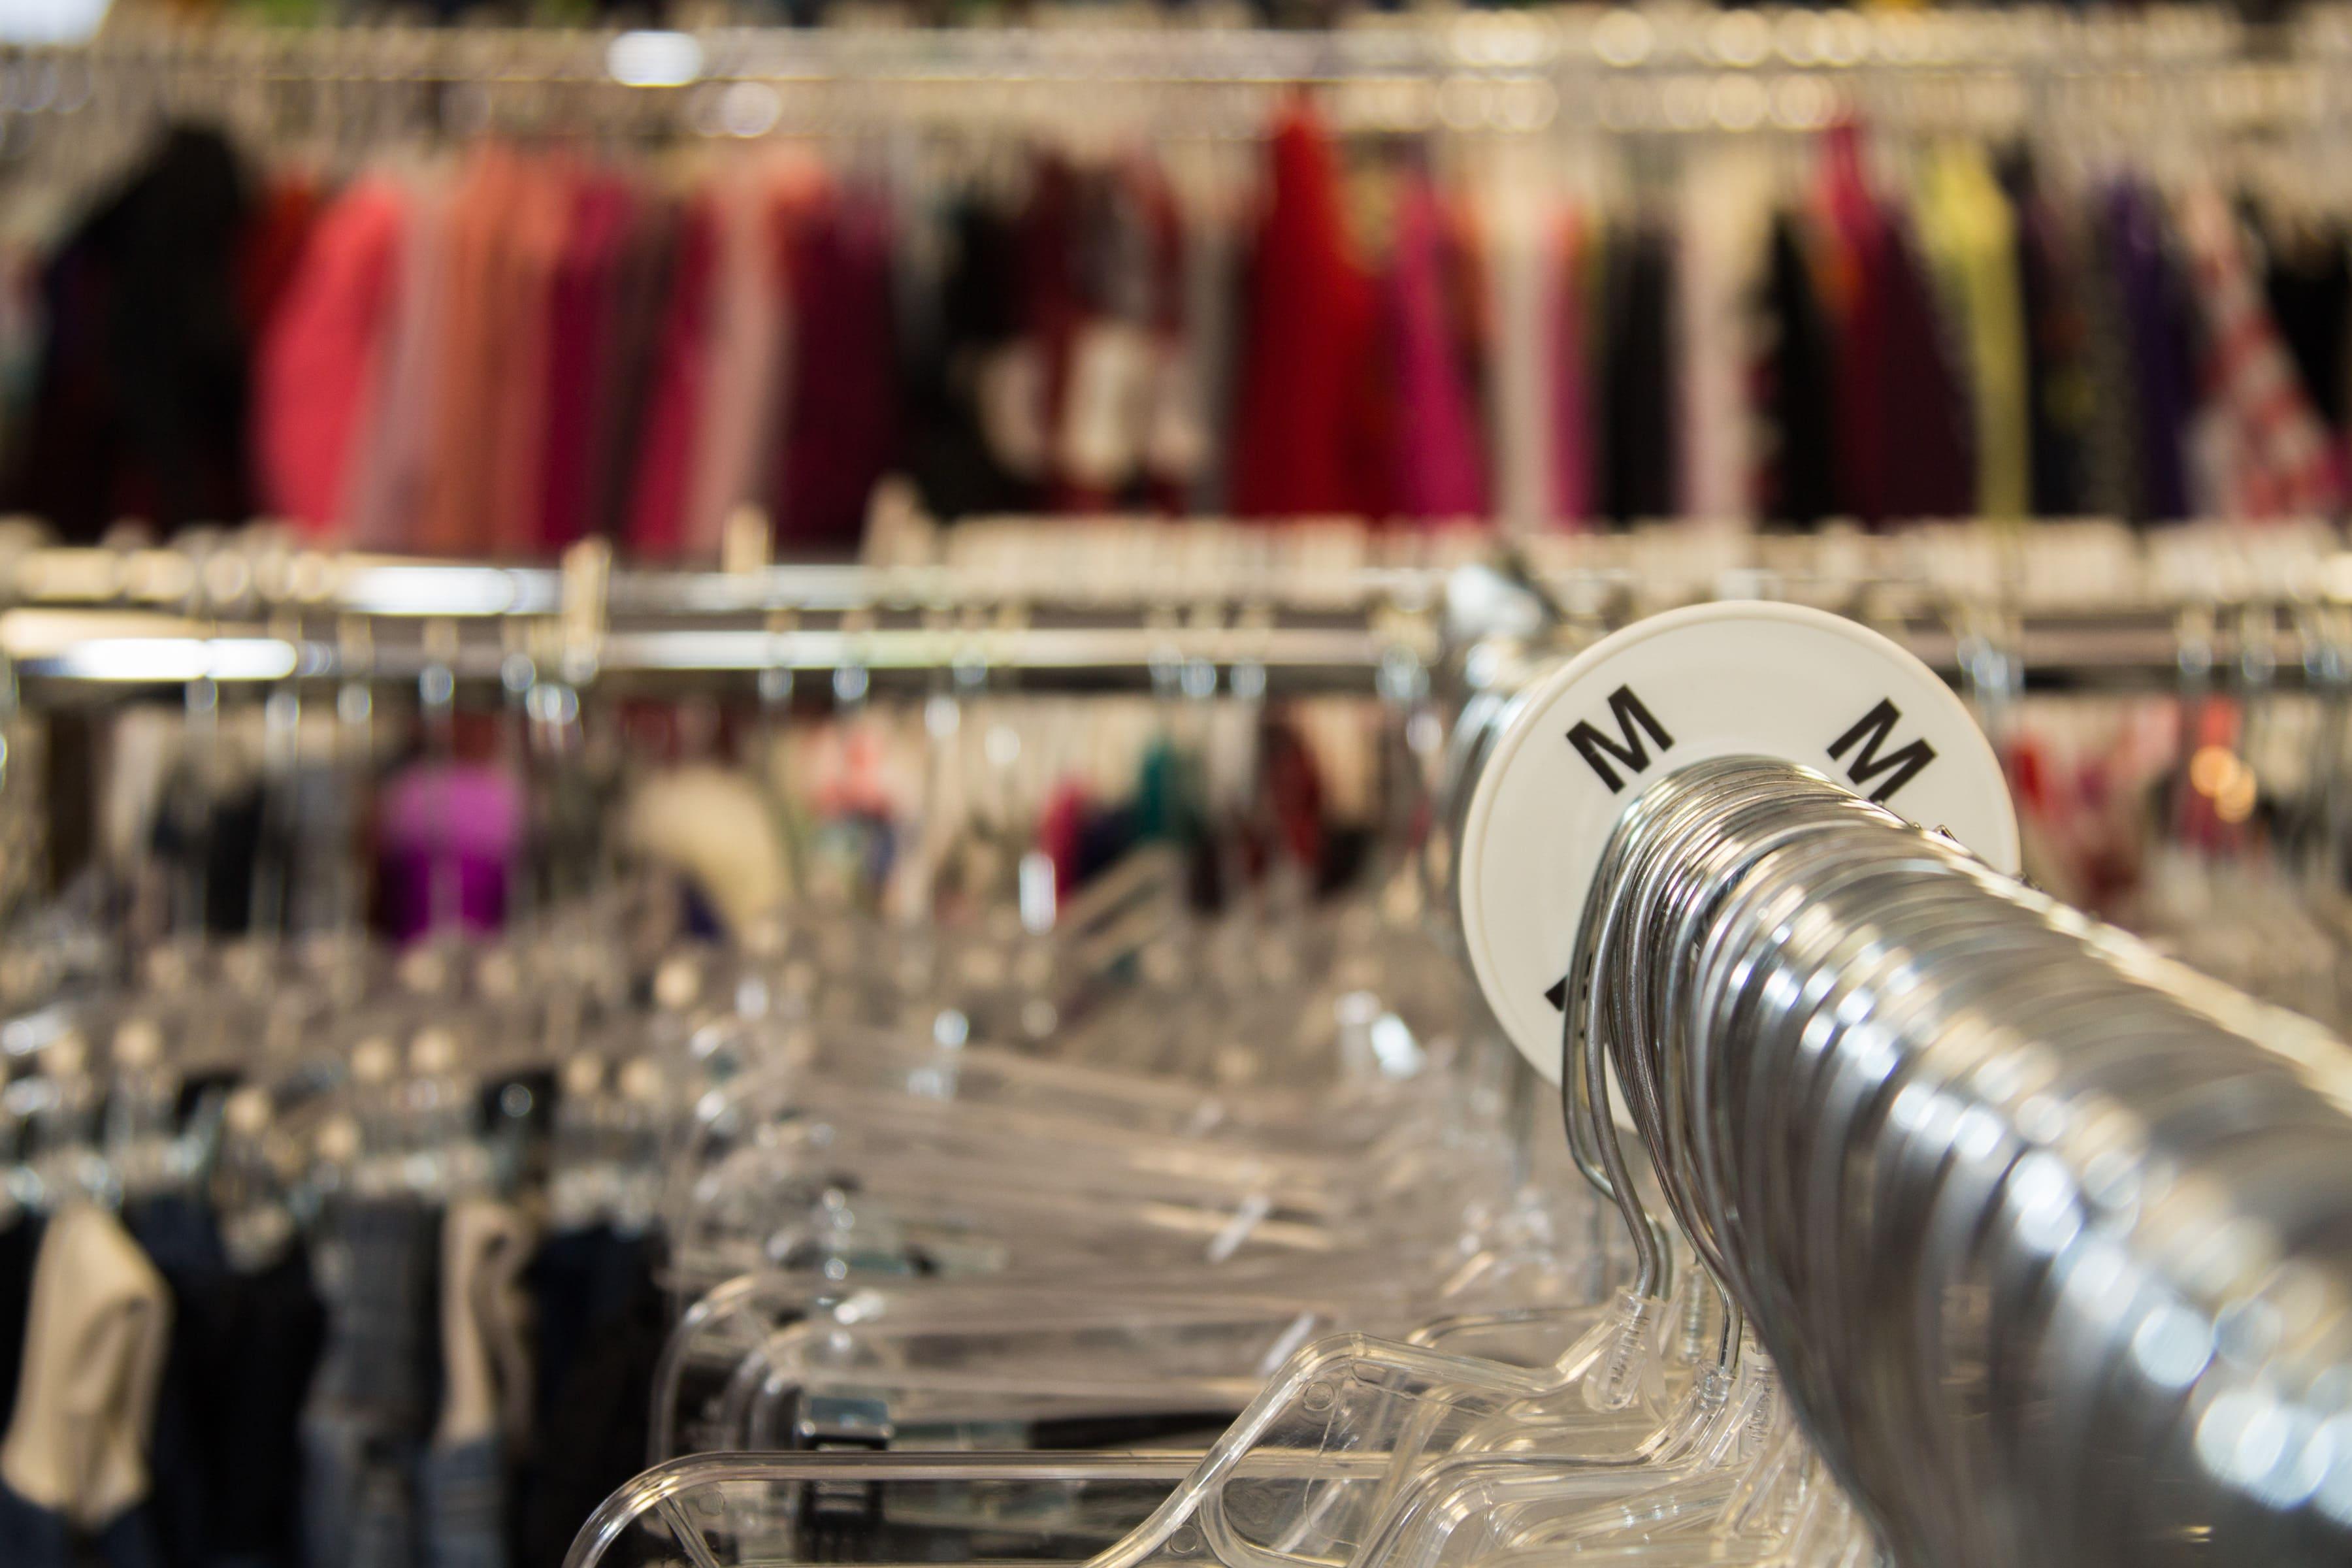 Imagem de uma arara de roupas para remeter quem deseja saber como revender roupas